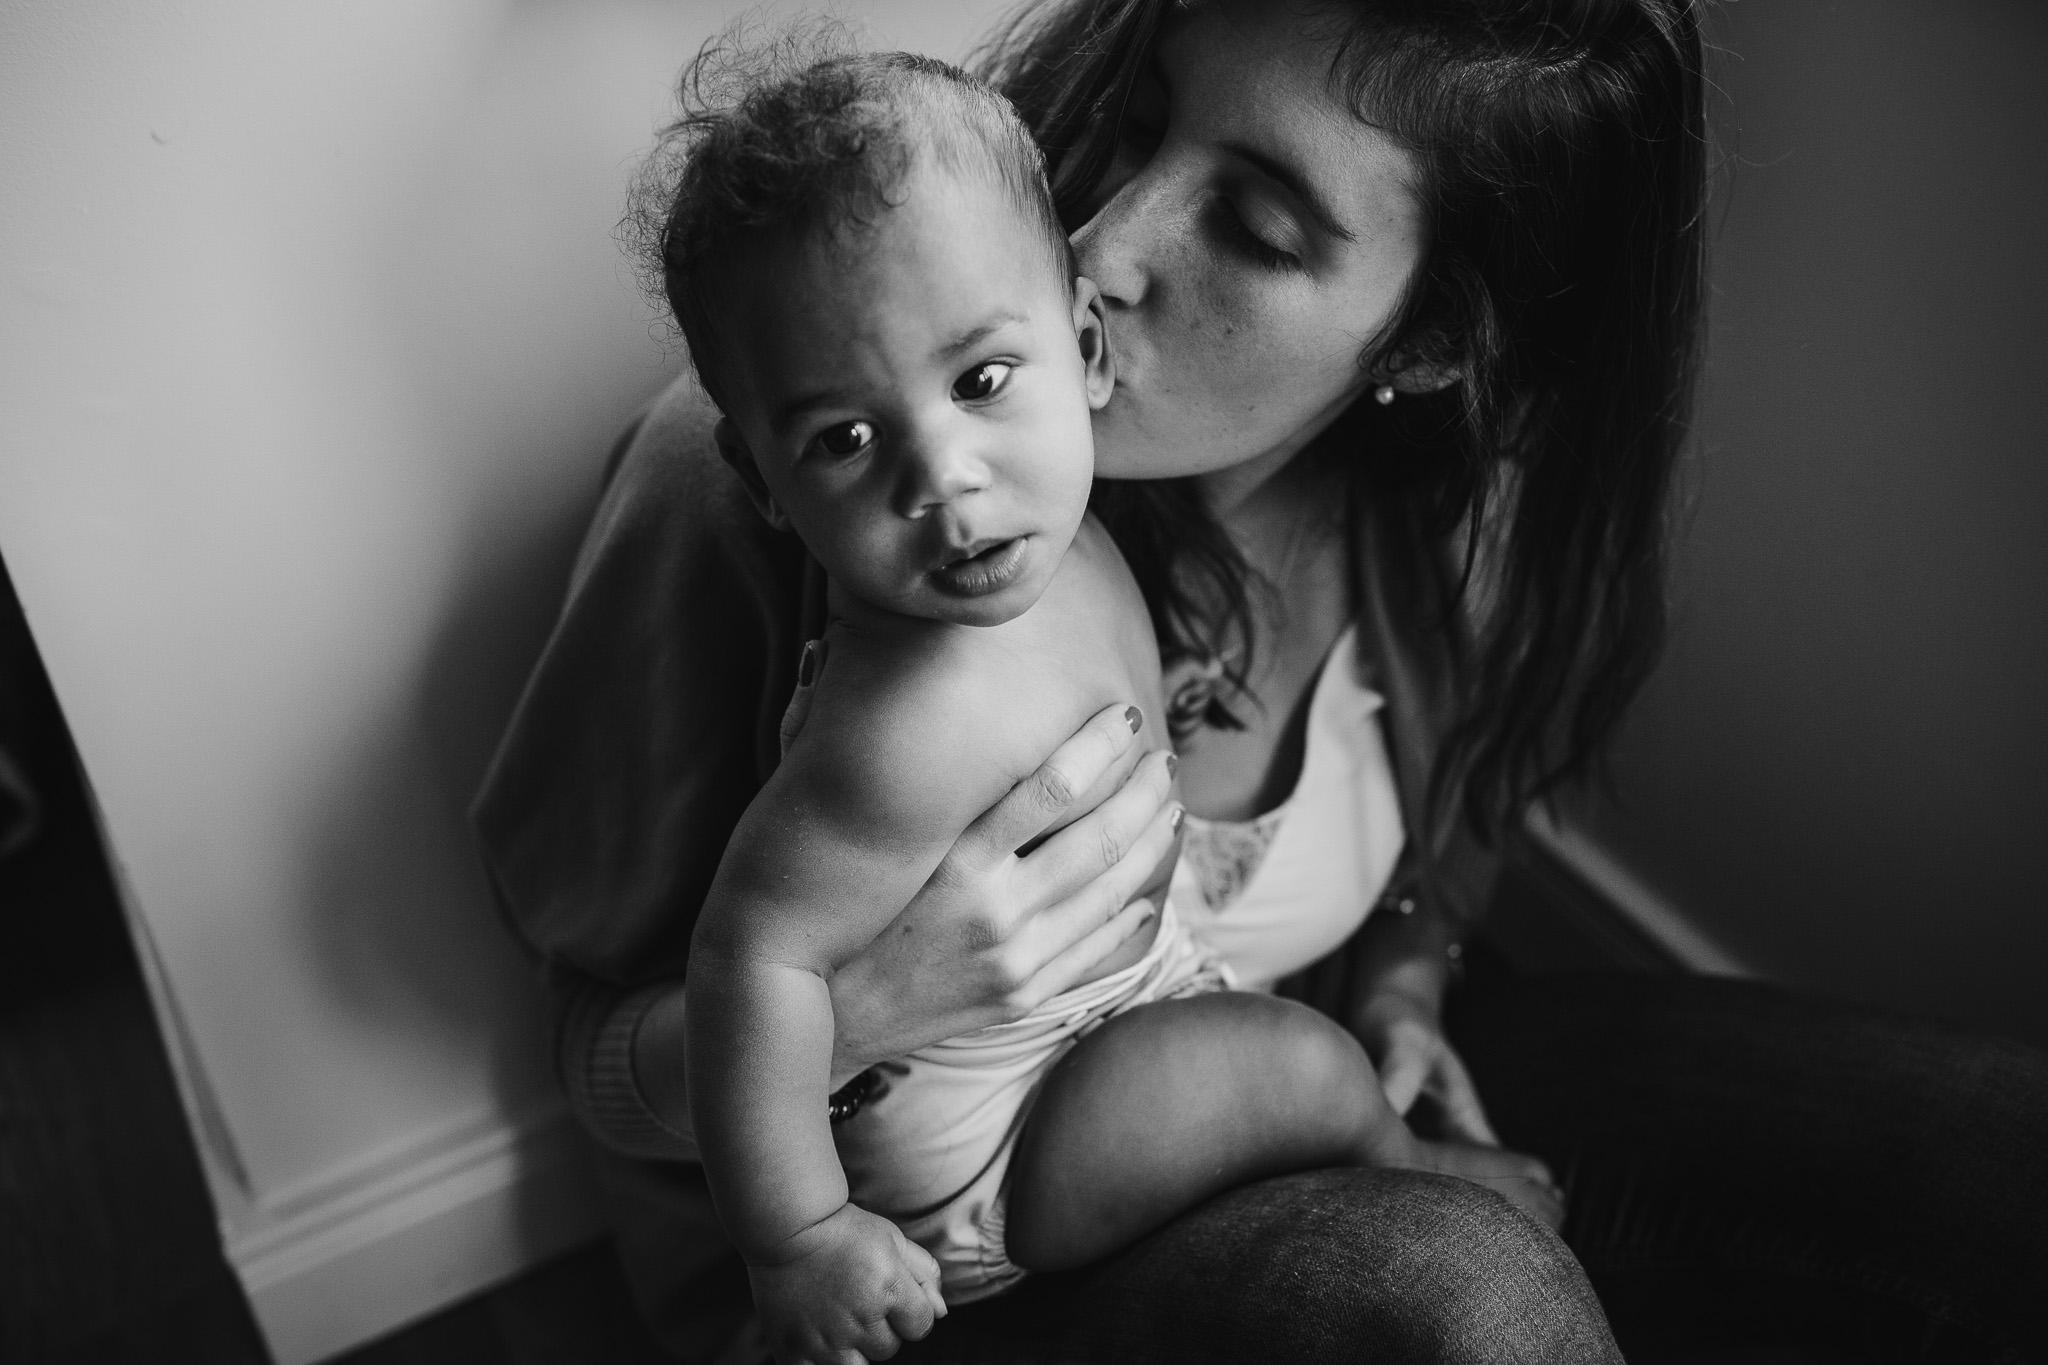 motherhood-baby-inhome-photoshoot-2.jpg